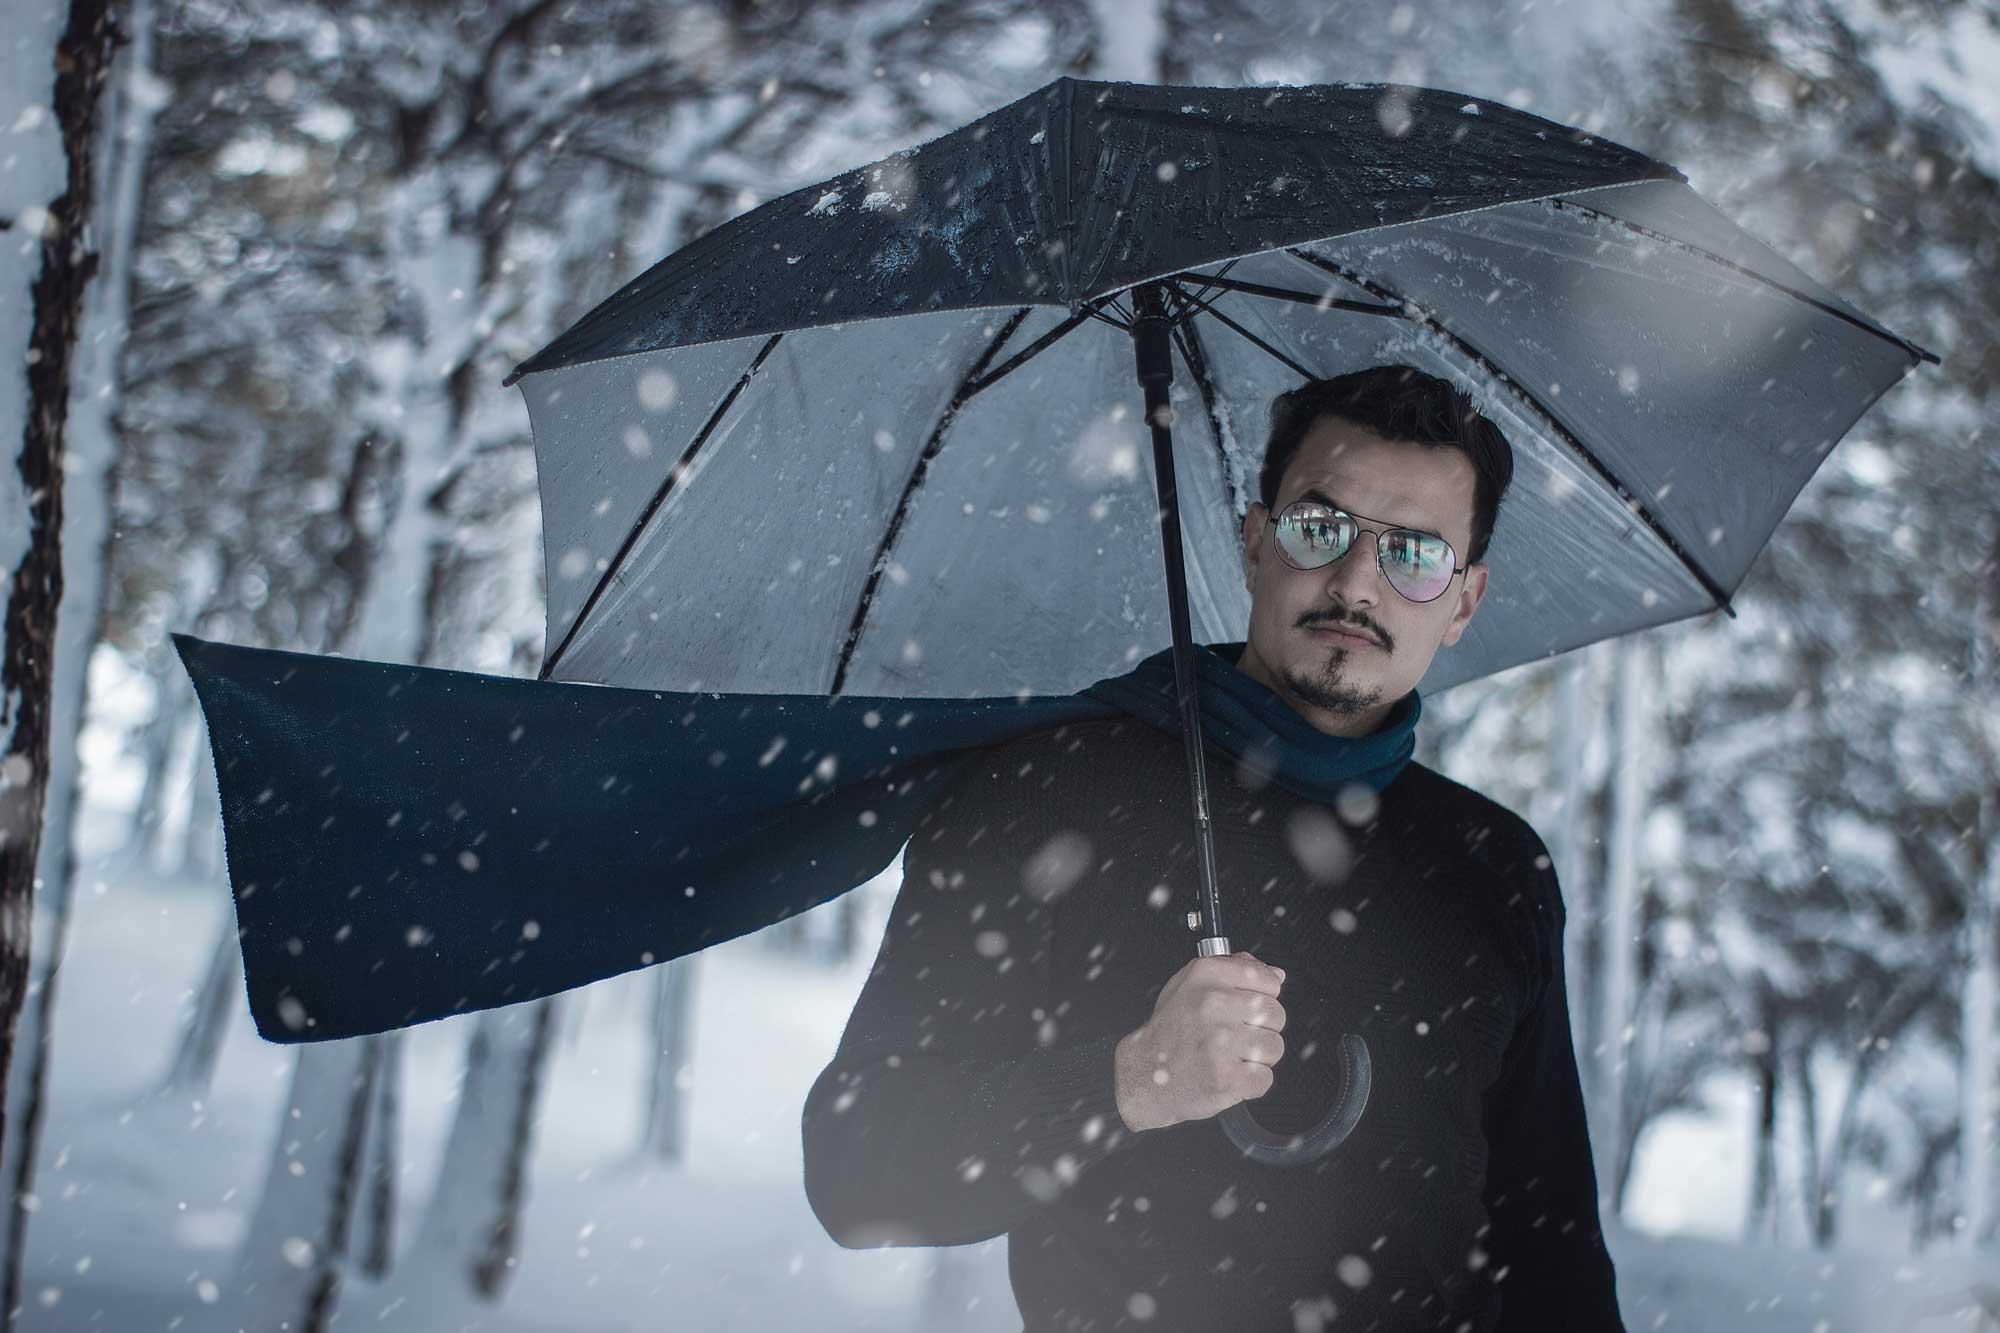 انواع چتر و ویژگی های چتر با کیفیت